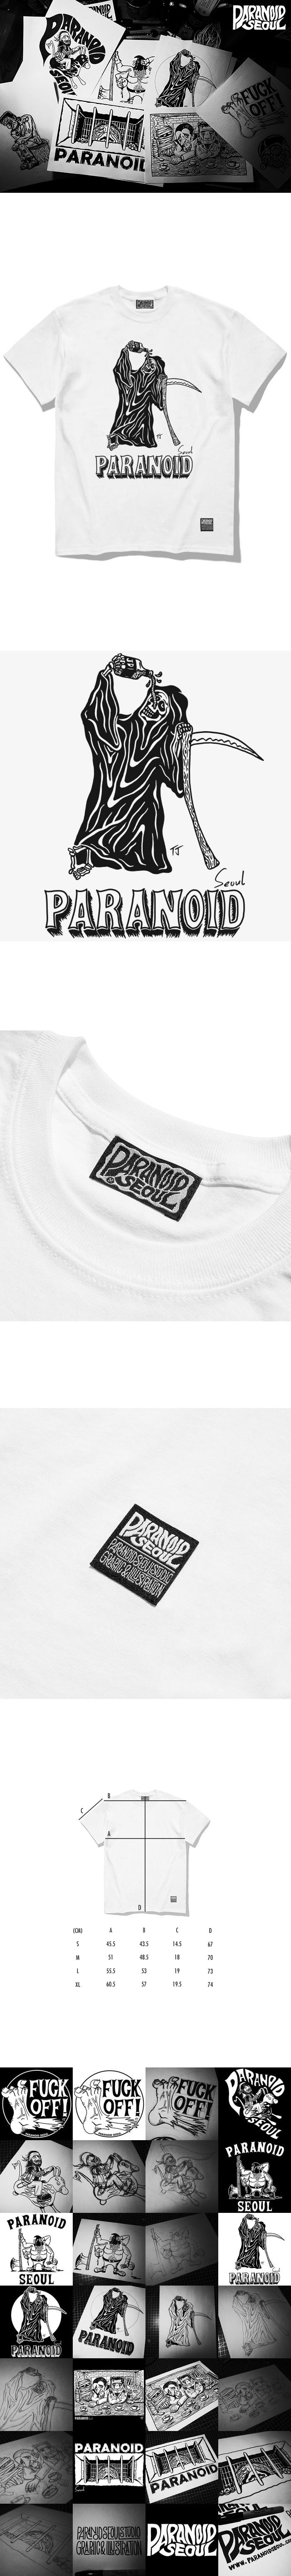 파라노이드(PARANOID) 드렁큰 리퍼 그래픽 티셔츠 화이트